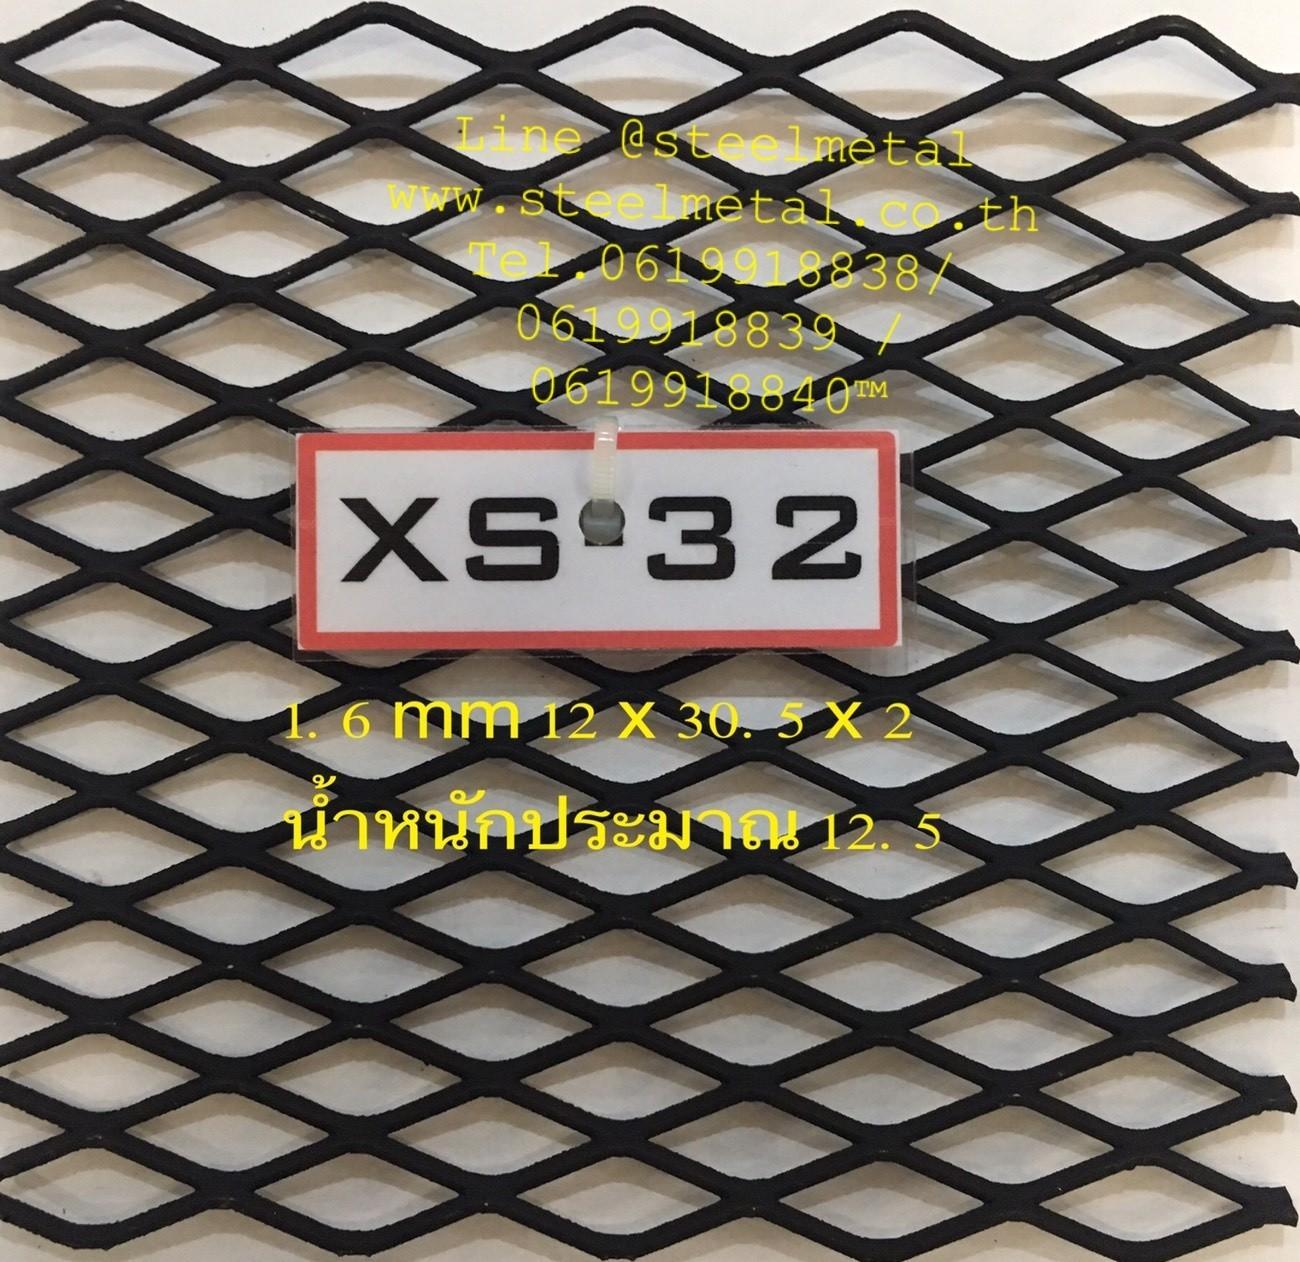 ตะแกรงเหล็กฉีกxs32